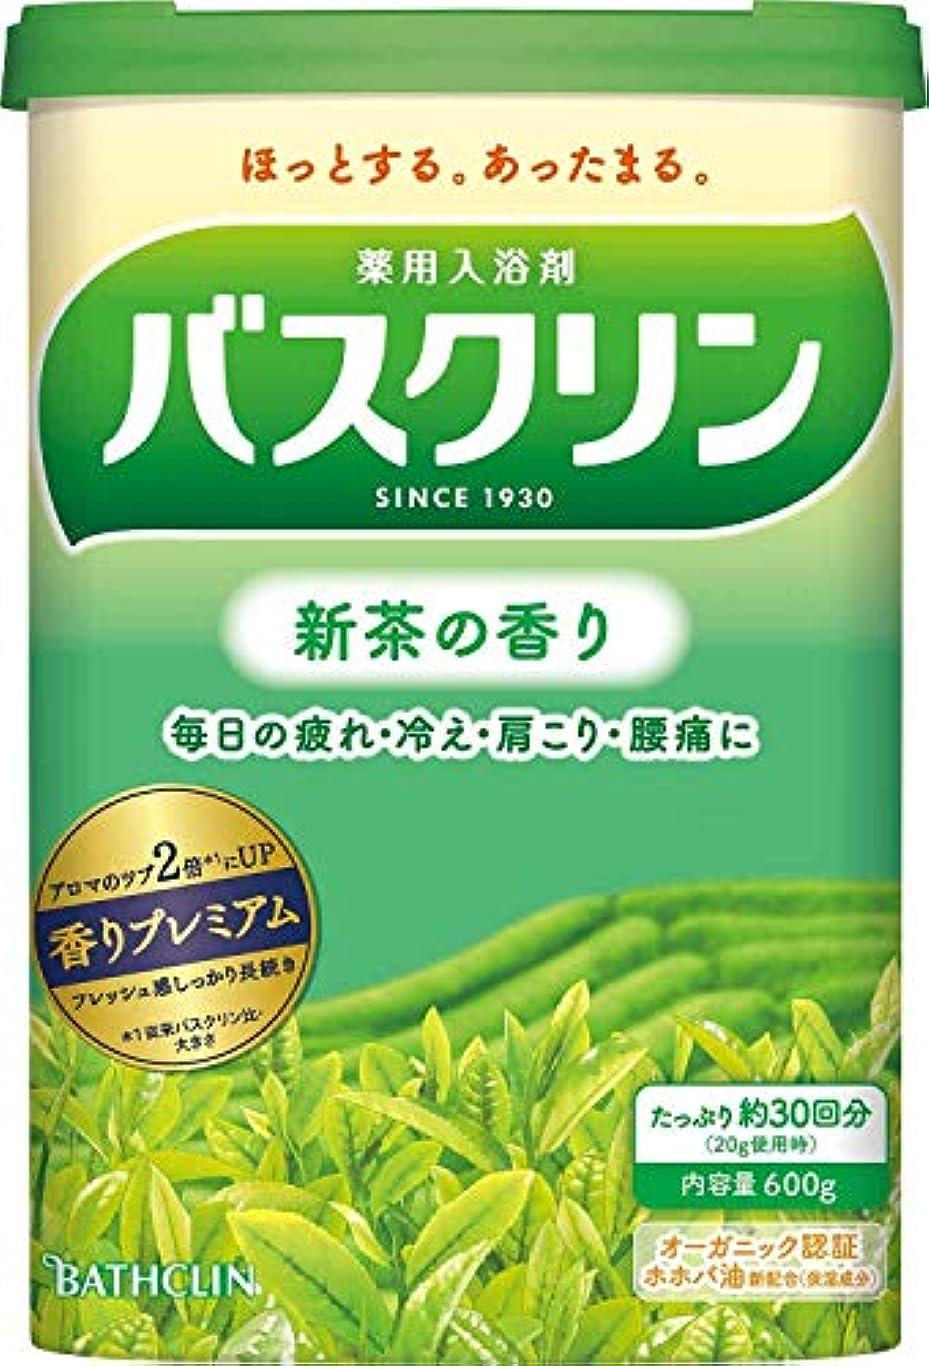 せっかち征服するコンチネンタル【医薬部外品】バスクリン新茶の香り600g入浴剤(約30回分)